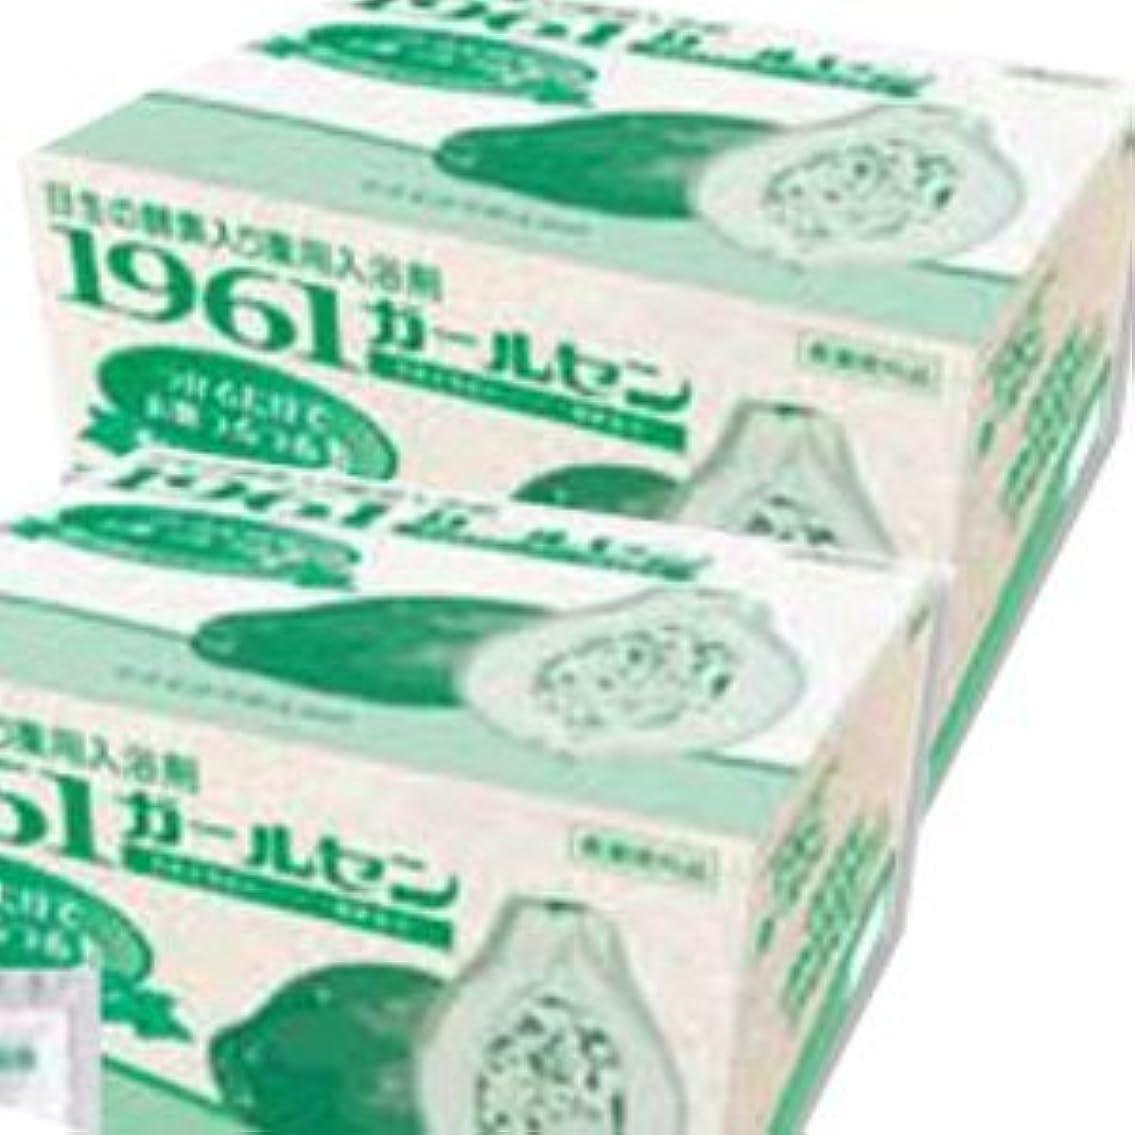 緩やかなただやるレポートを書く日本生化学 薬用入浴剤 1961ガールセン (20g×60包)×2箱 (医薬部外品)